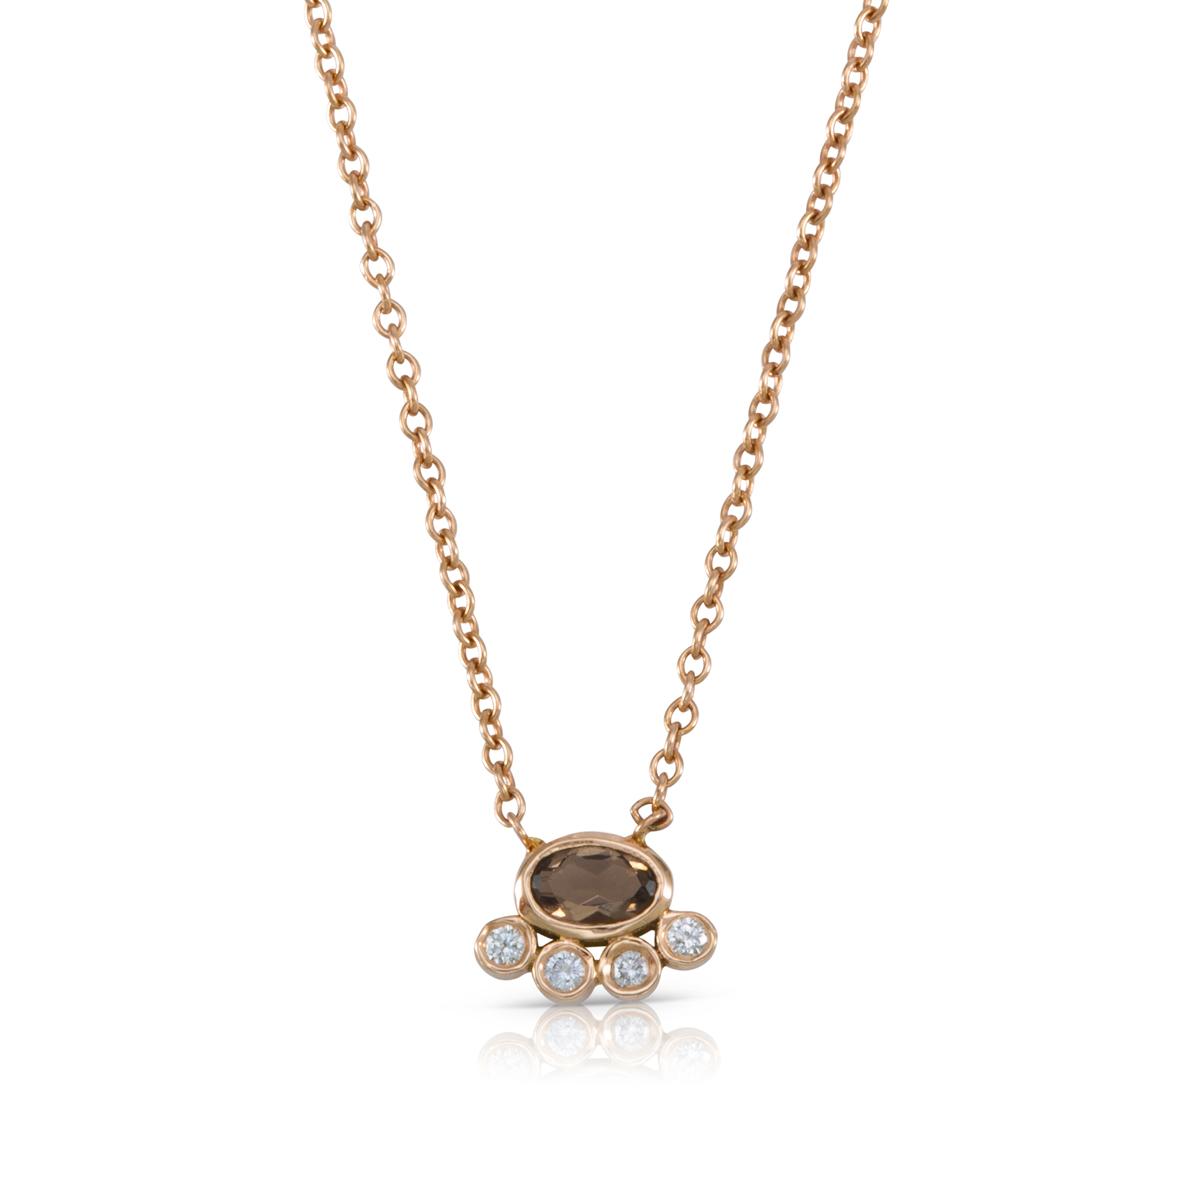 שרשרת זהב משובצת אבן סמוקי קווארץ ויהלומים